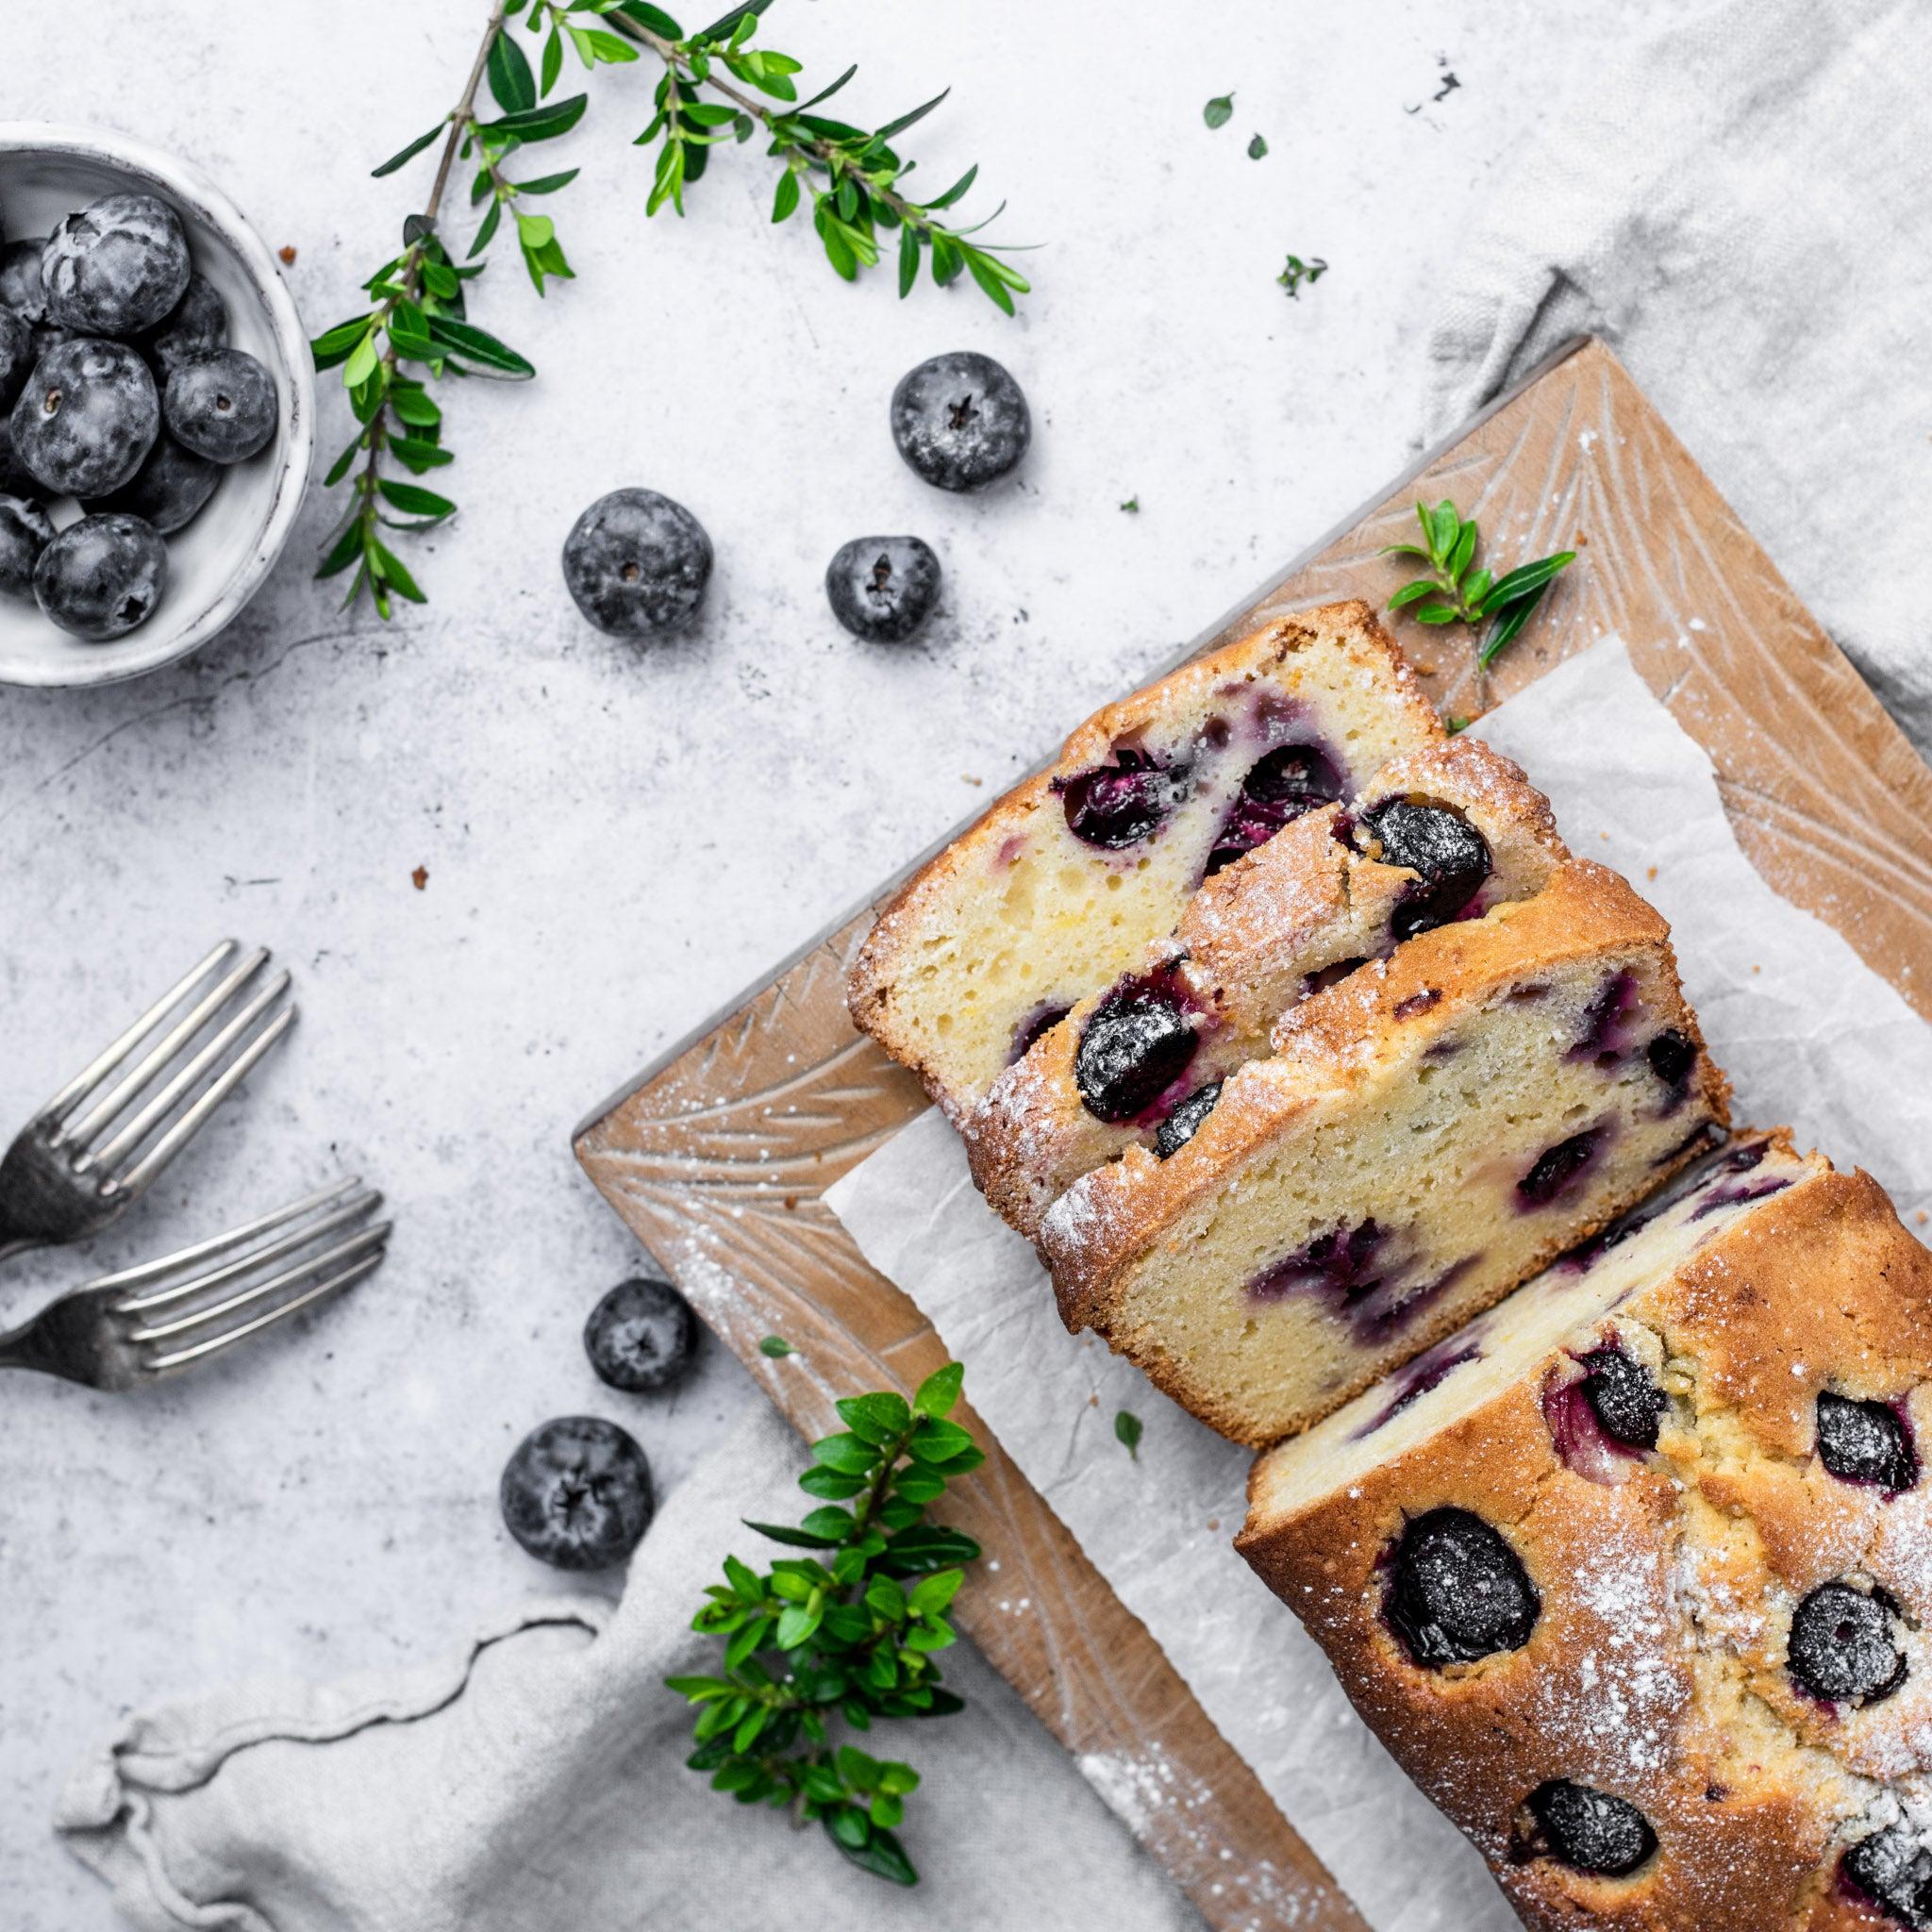 Allinsons-Blueberry-Lemon-Loaf-Cake-1-1-Baking-Mad-7_1.jpg